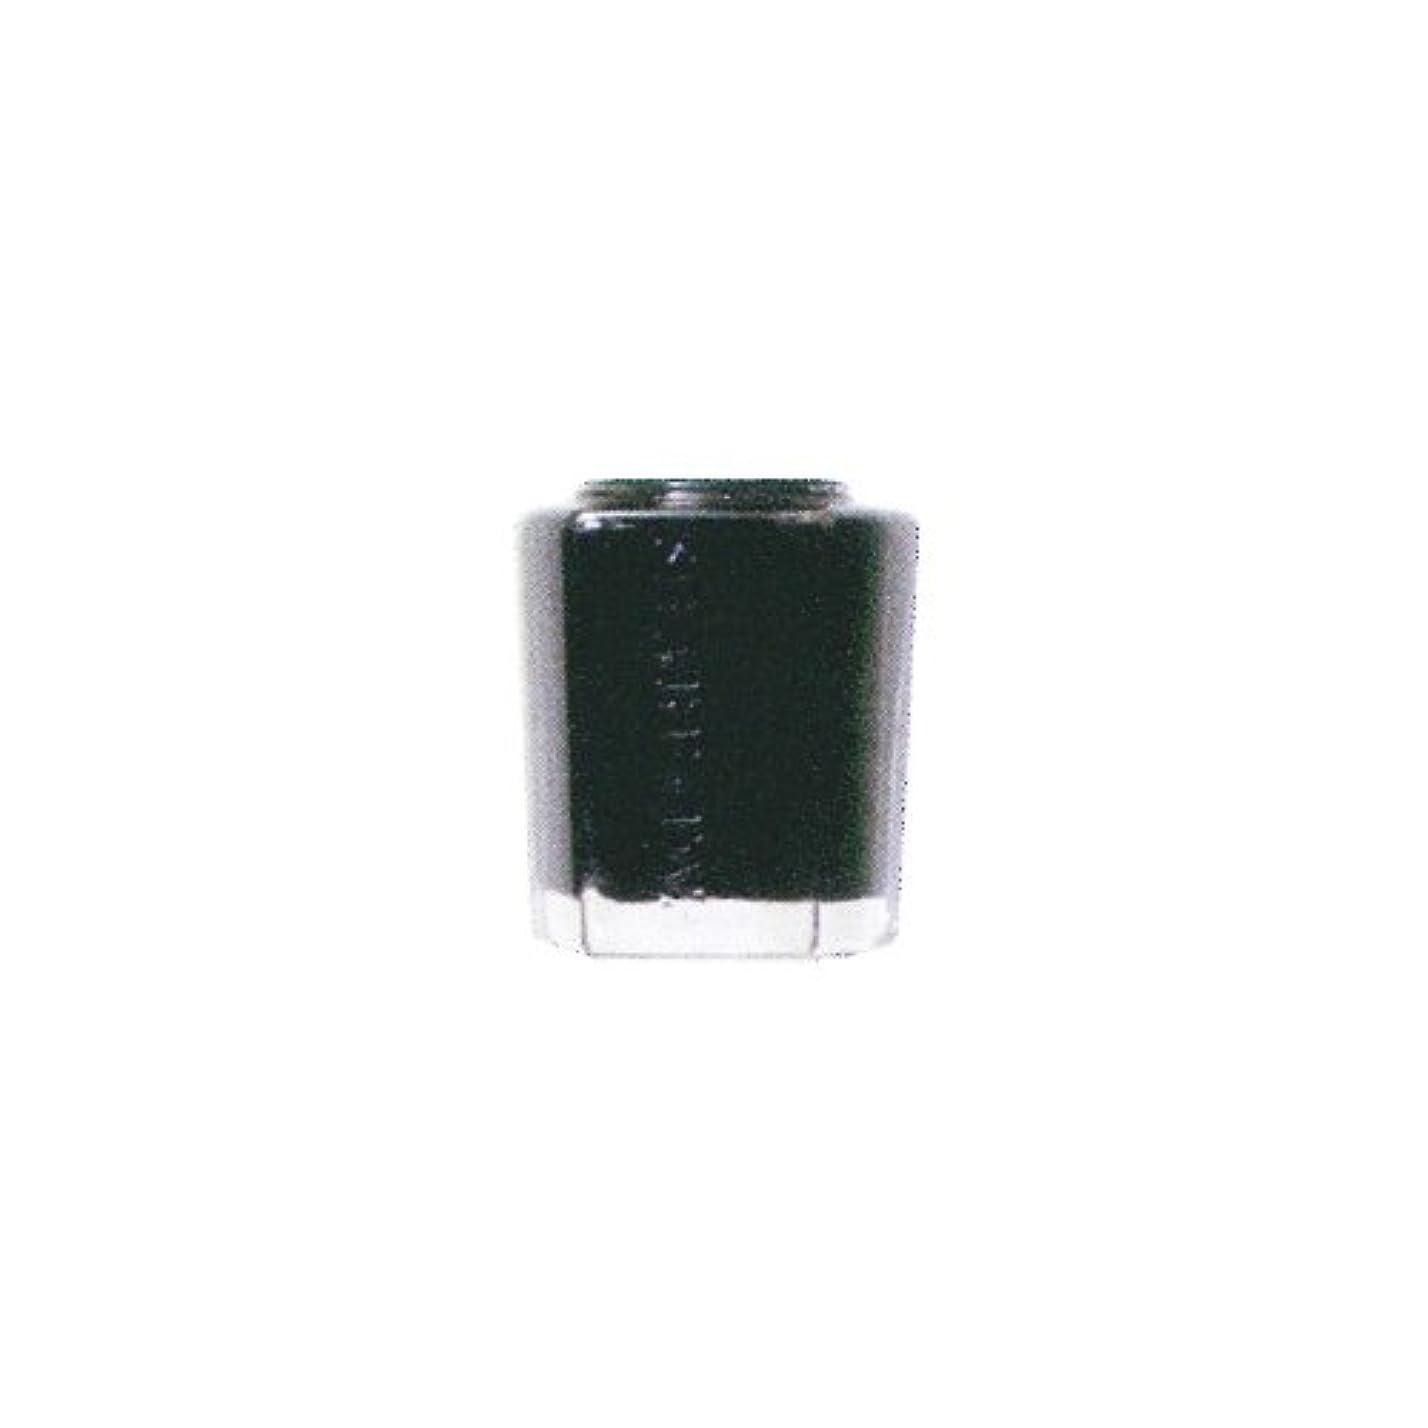 ラビリンスまもなく怪しいSHAREYDVA カラー15ml No.01 ブラック